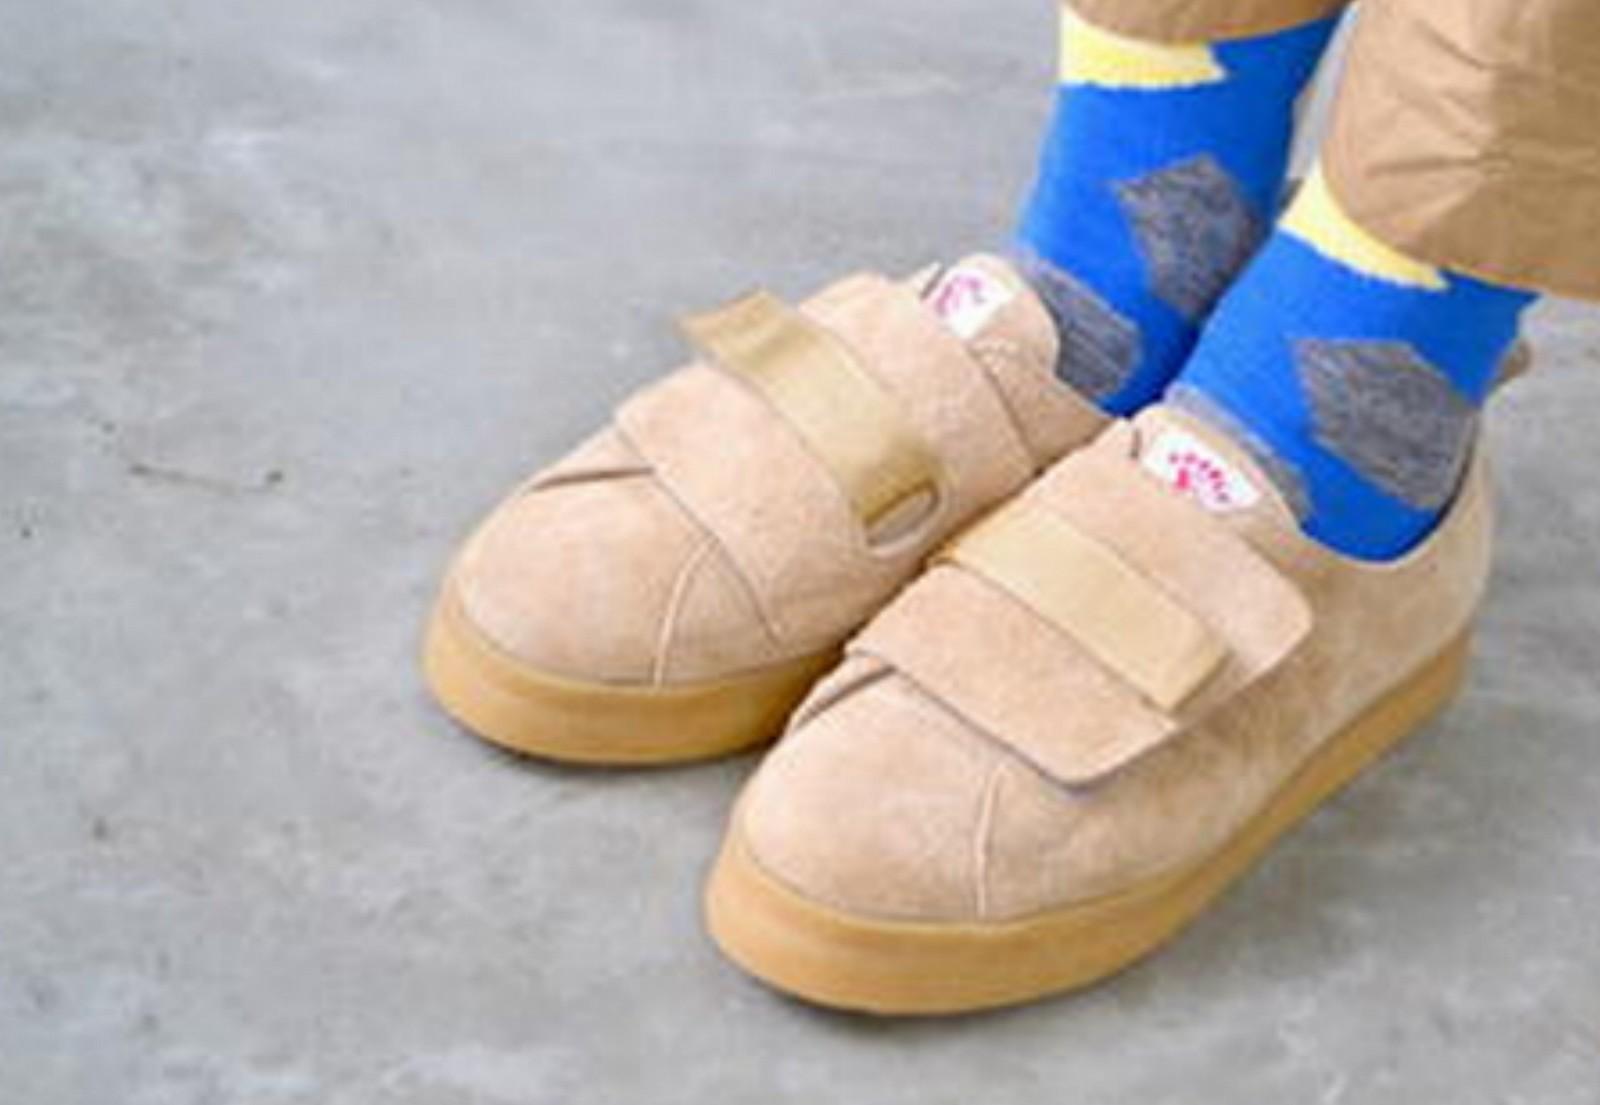 【予約アイテム】DOUBLE FOOT WEAR ダブルフットウェア Laser レーザー 予約アイテム 送料無料 全3色 シューズ 靴 小さいサイズ 大きいサイズ 完全受注生産 日本製 男女兼用 ユニセックス